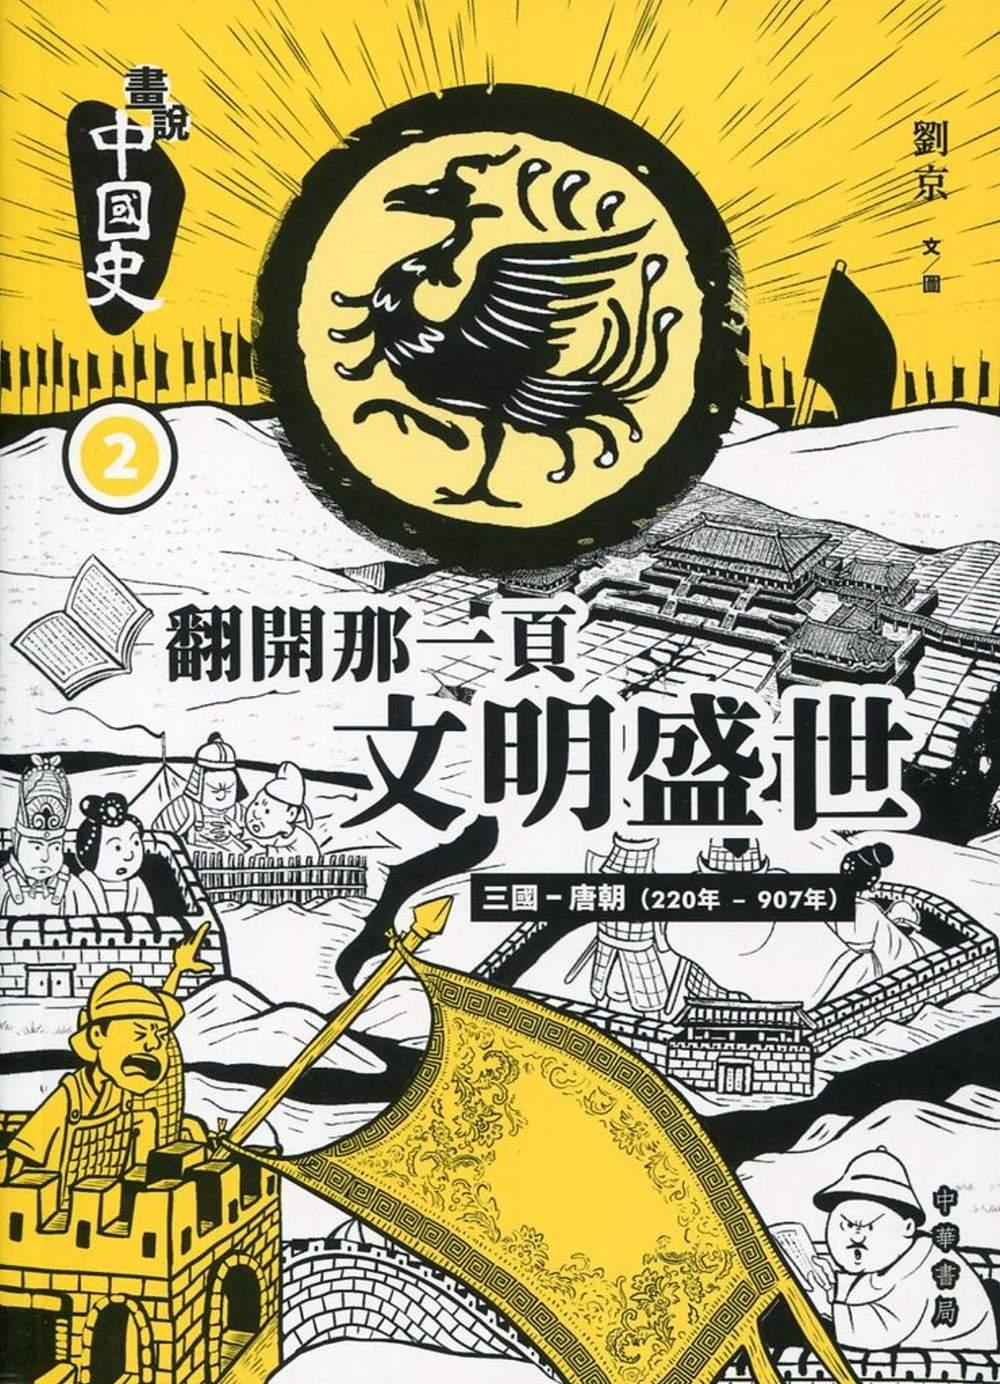 《畫說中國史 2:翻開那一頁文明盛世》 商品條碼,ISBN:9789888488933